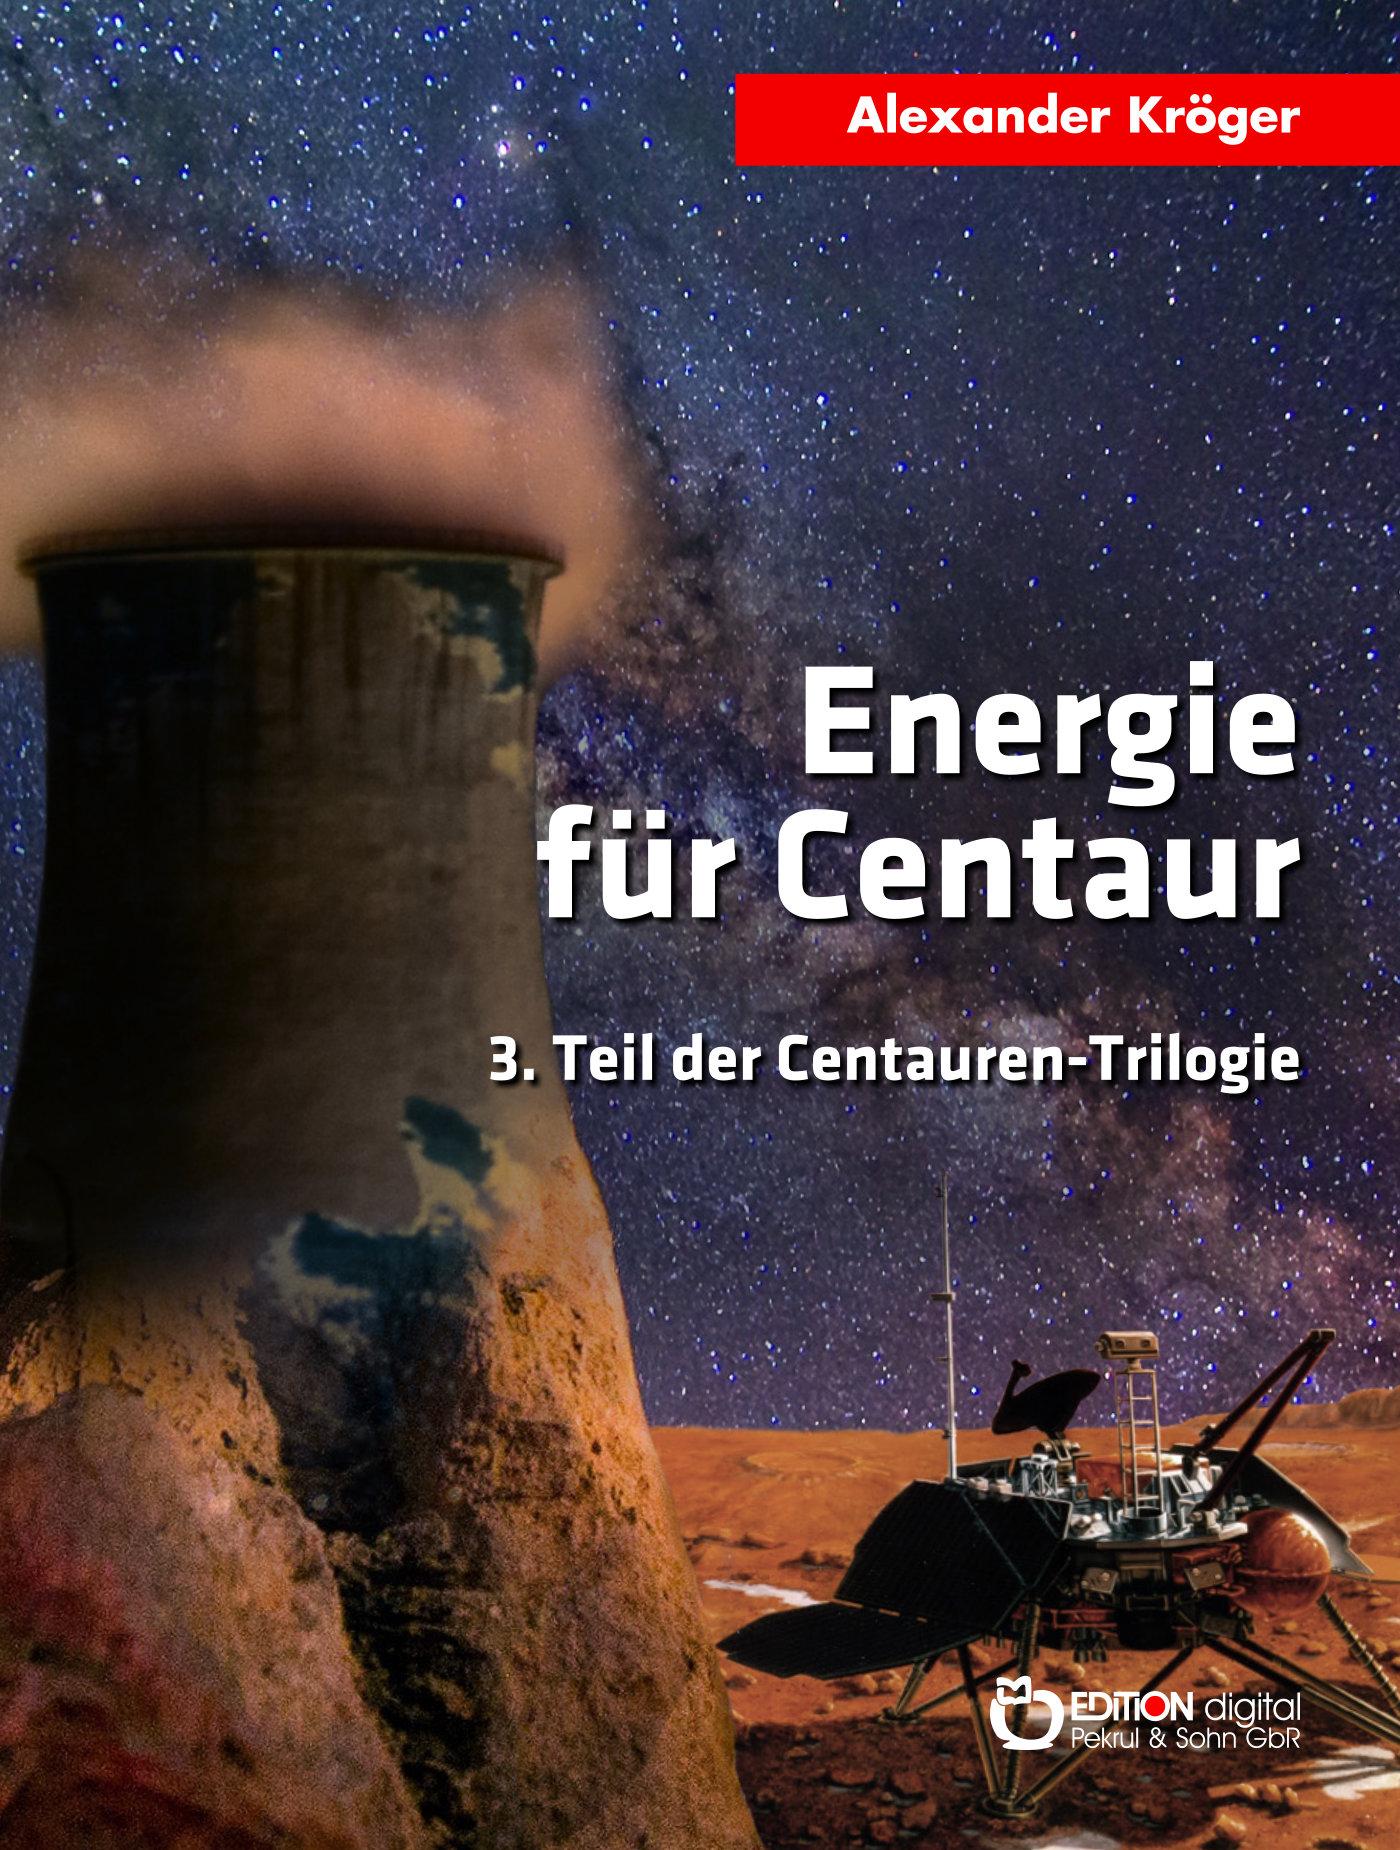 Energie für Centaur. 3. Teil der Centauren-Trilogie von Alexander Kröger